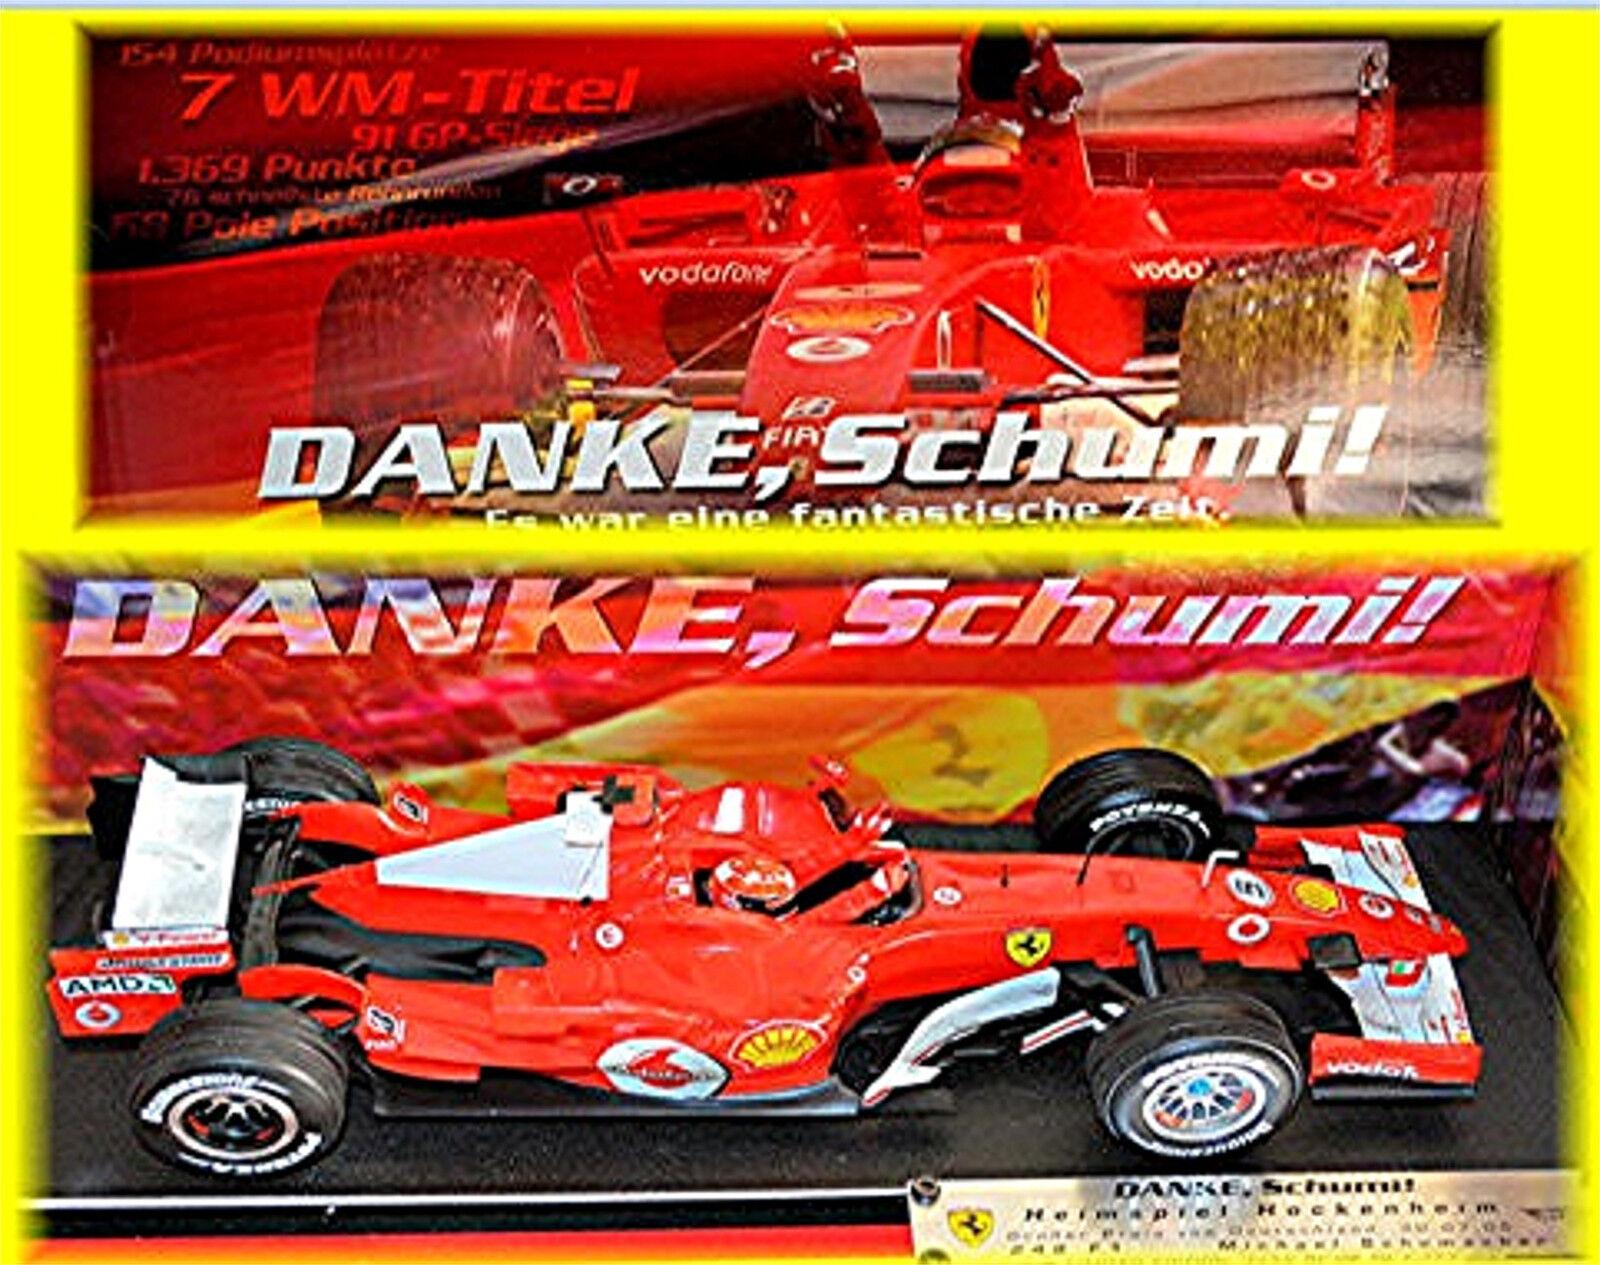 Ferrari 248 f1 gracias, schumi  hockenheim 2006  5 schumacher 1 18 Hot Wheels